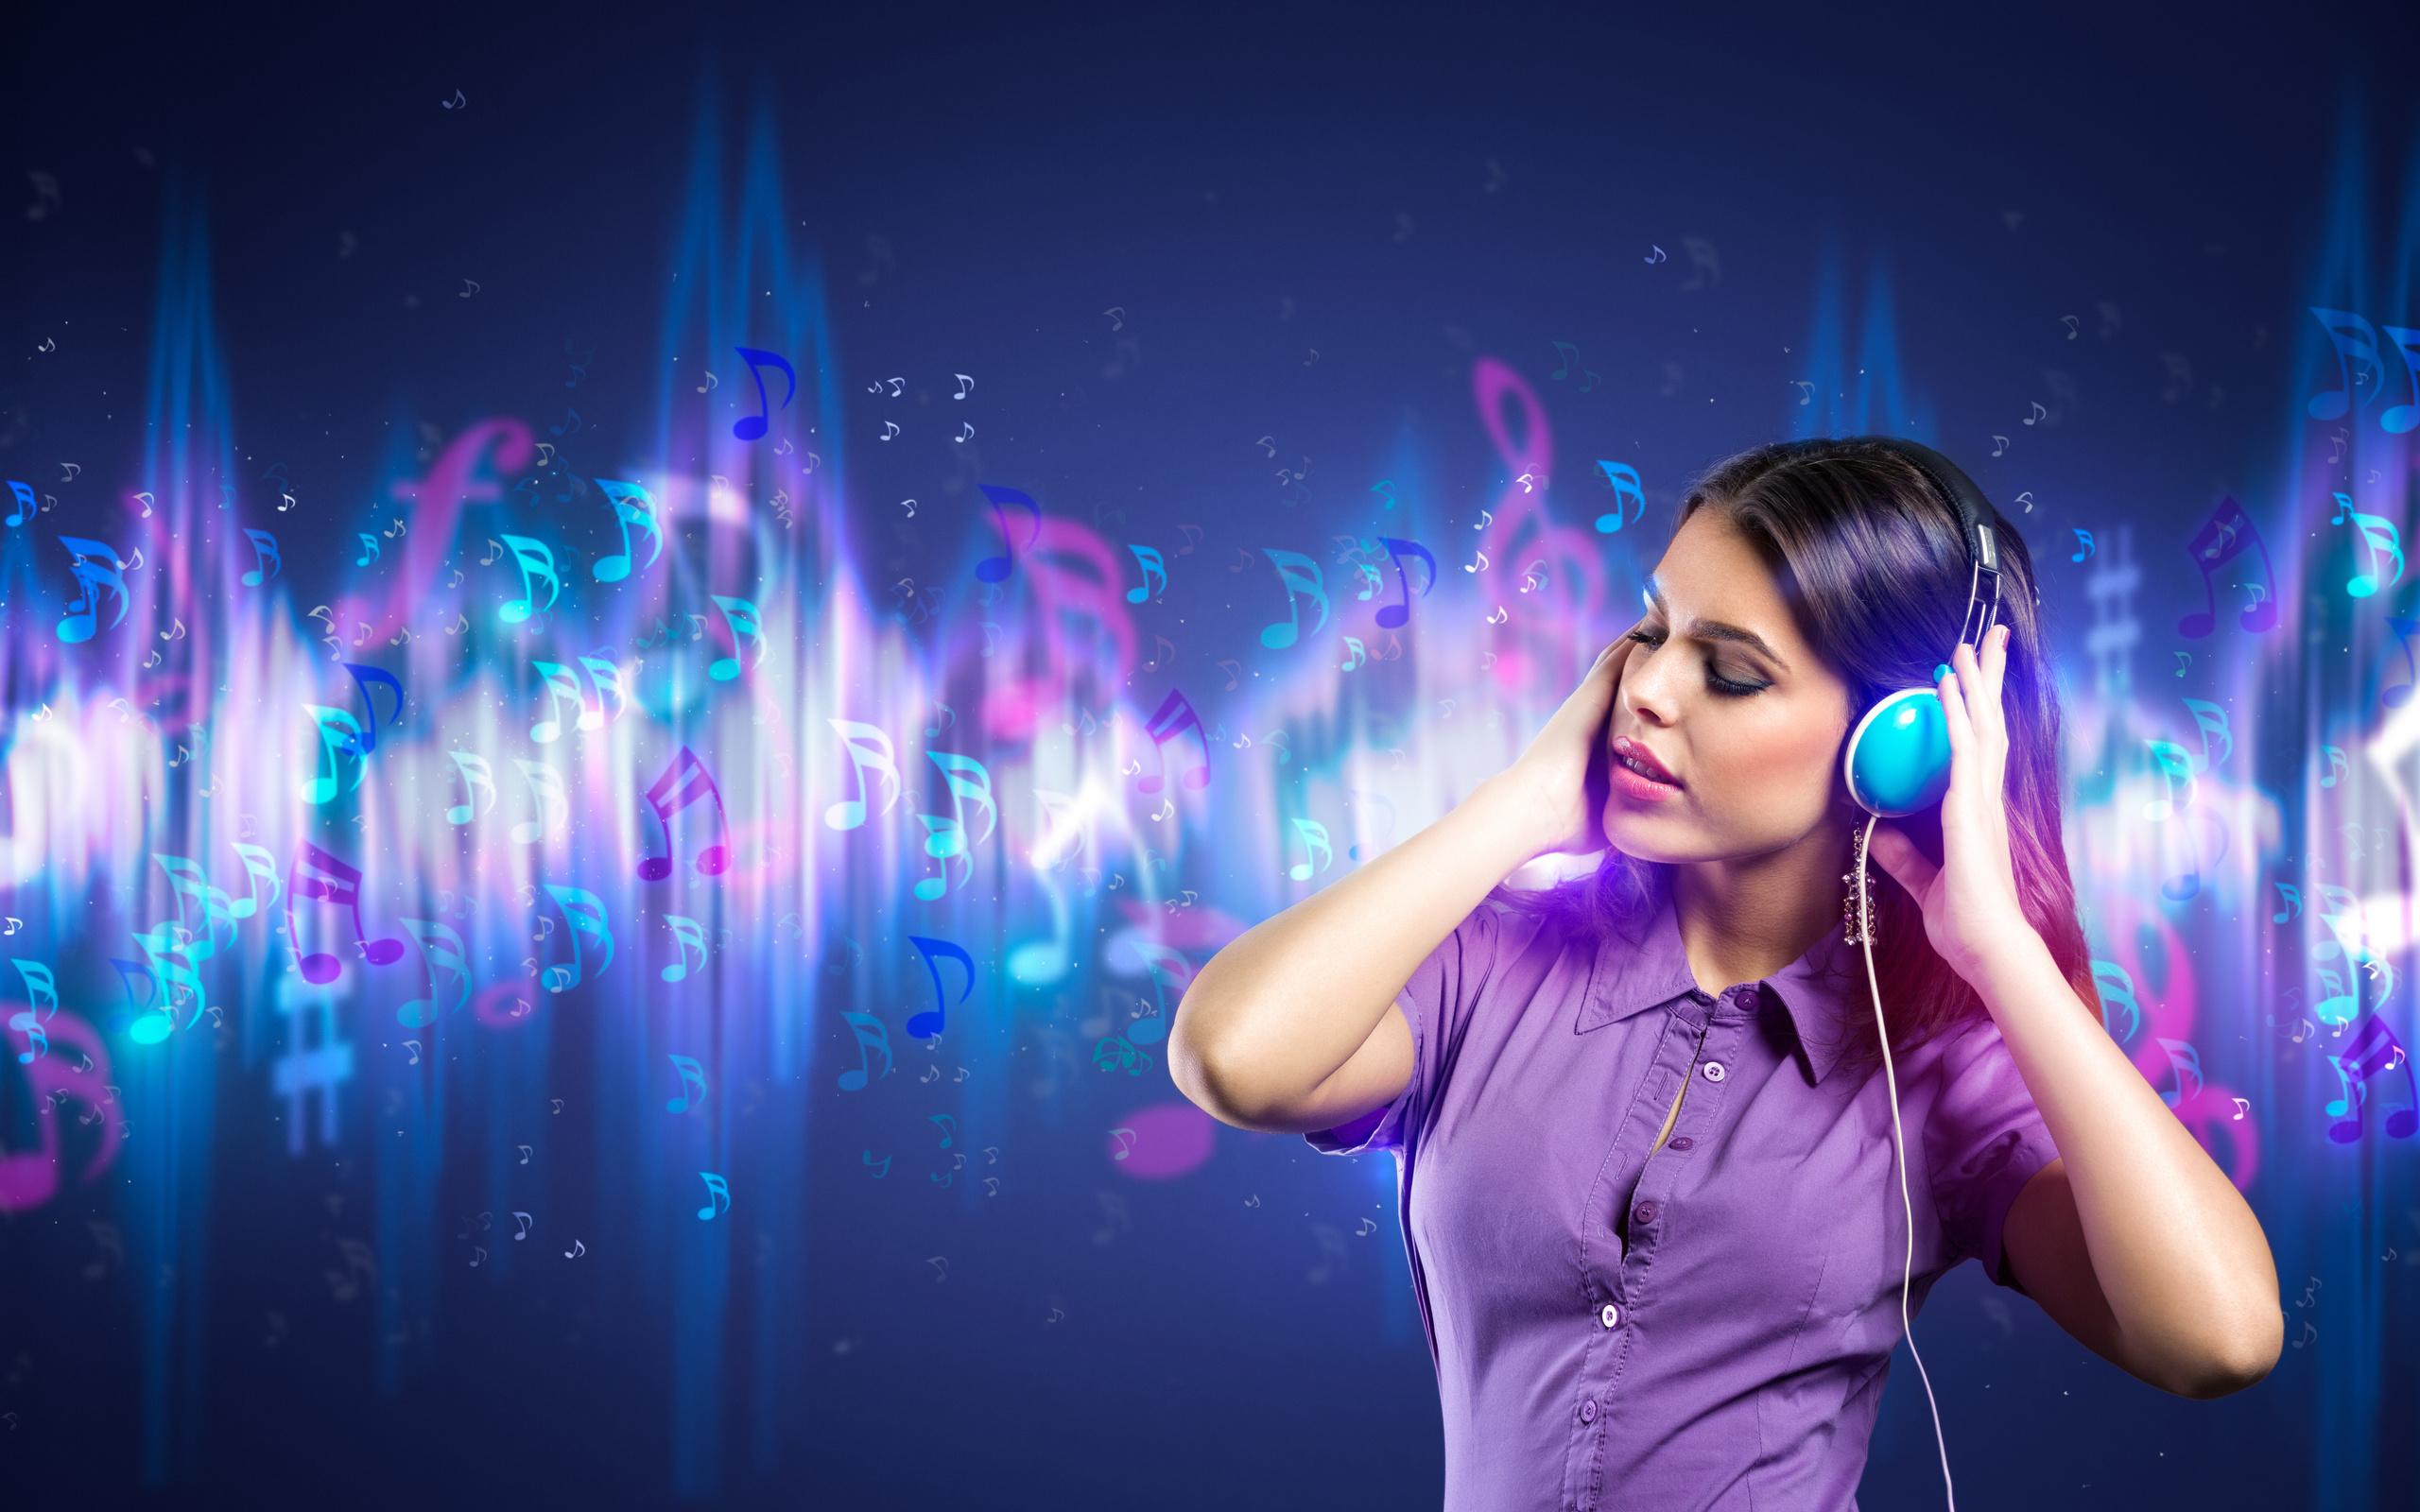 вся жизнь под музыку картинки нервная